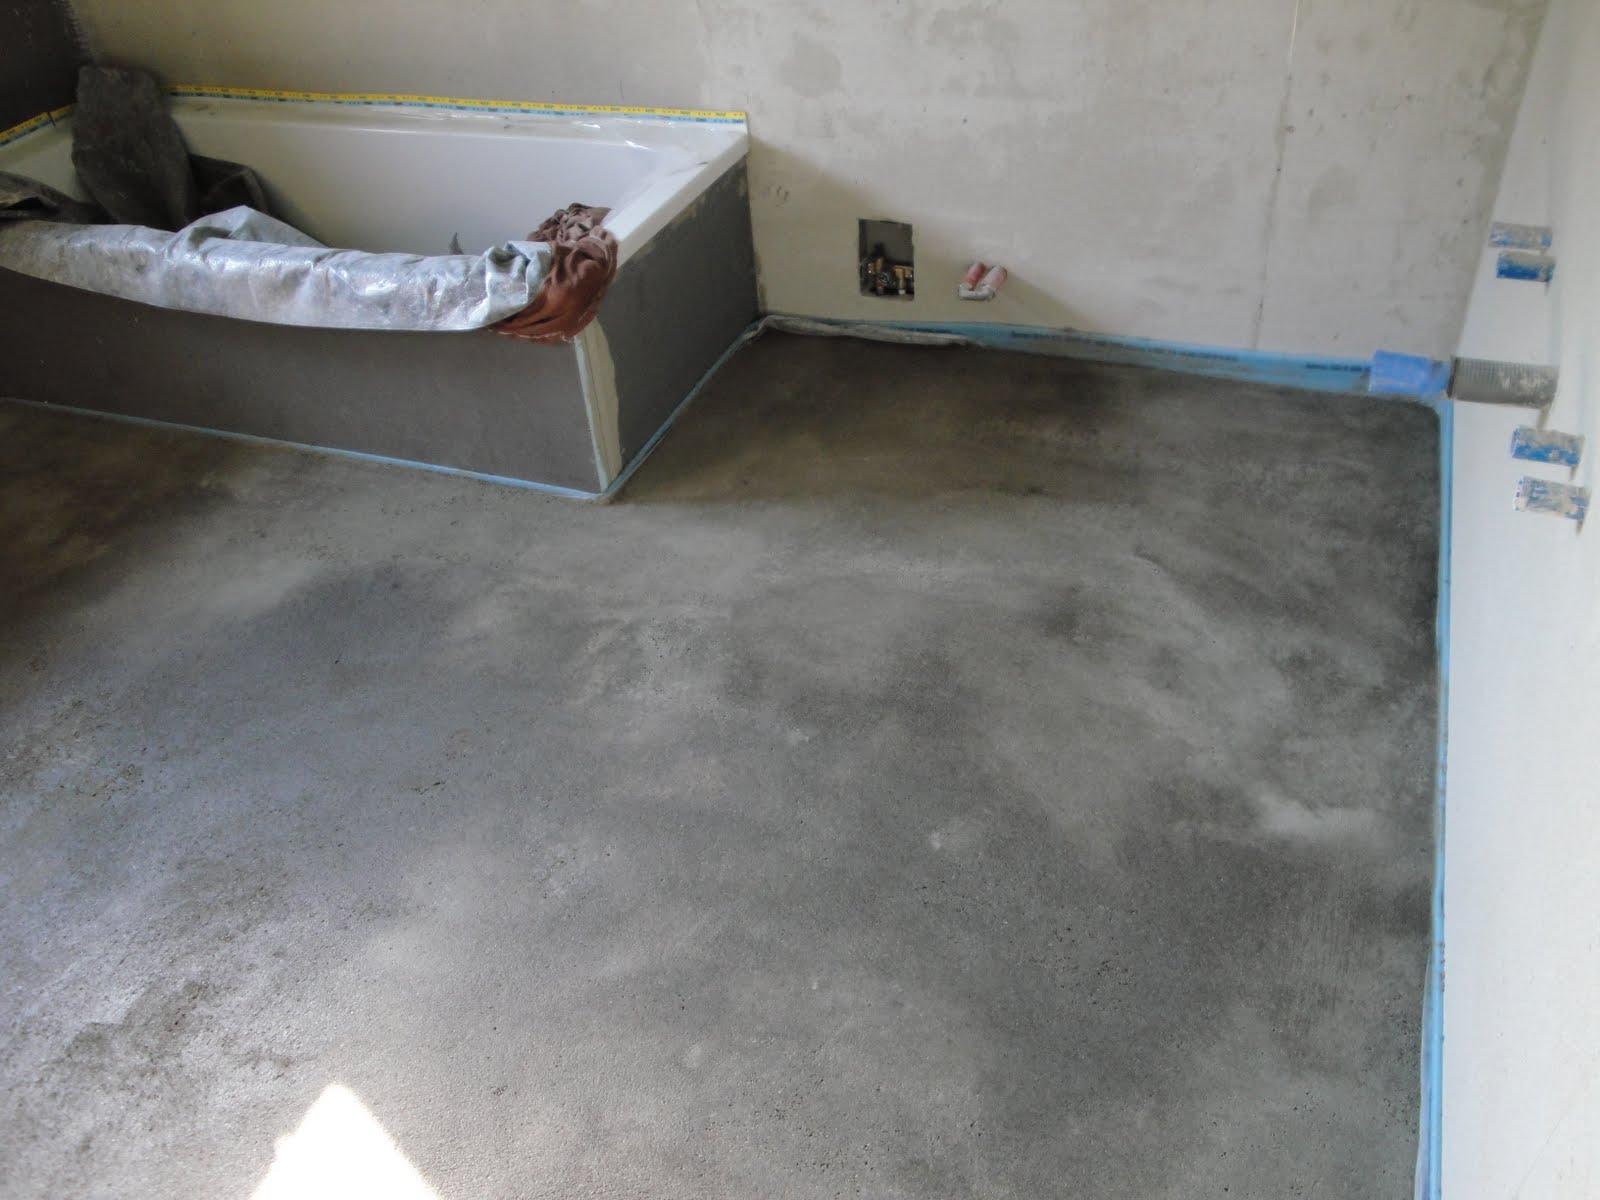 Estrich Bad fam schmaderer umbau obergeschoss 13 tag bad estrich eingebaut